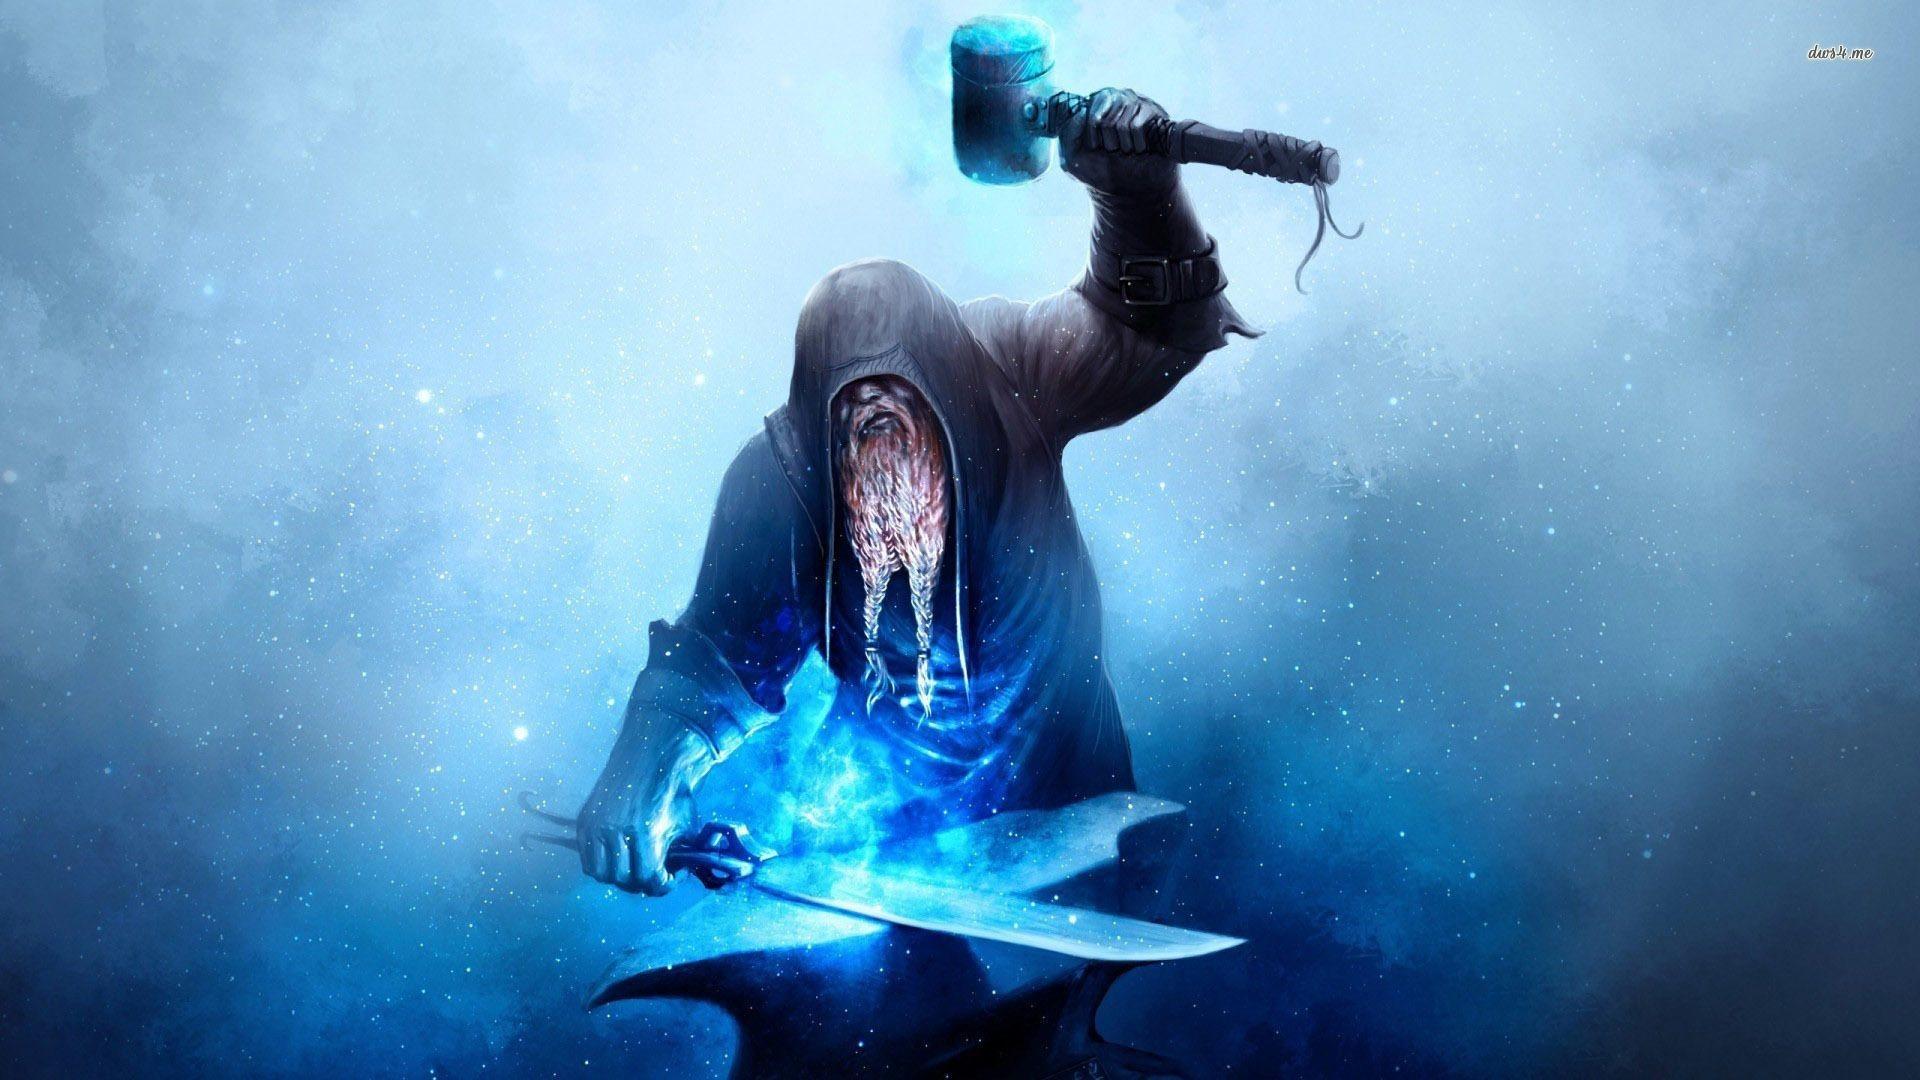 Res: 1920x1080, Dwarf blacksmith constructing a magical sword wallpaper - Fantasy .